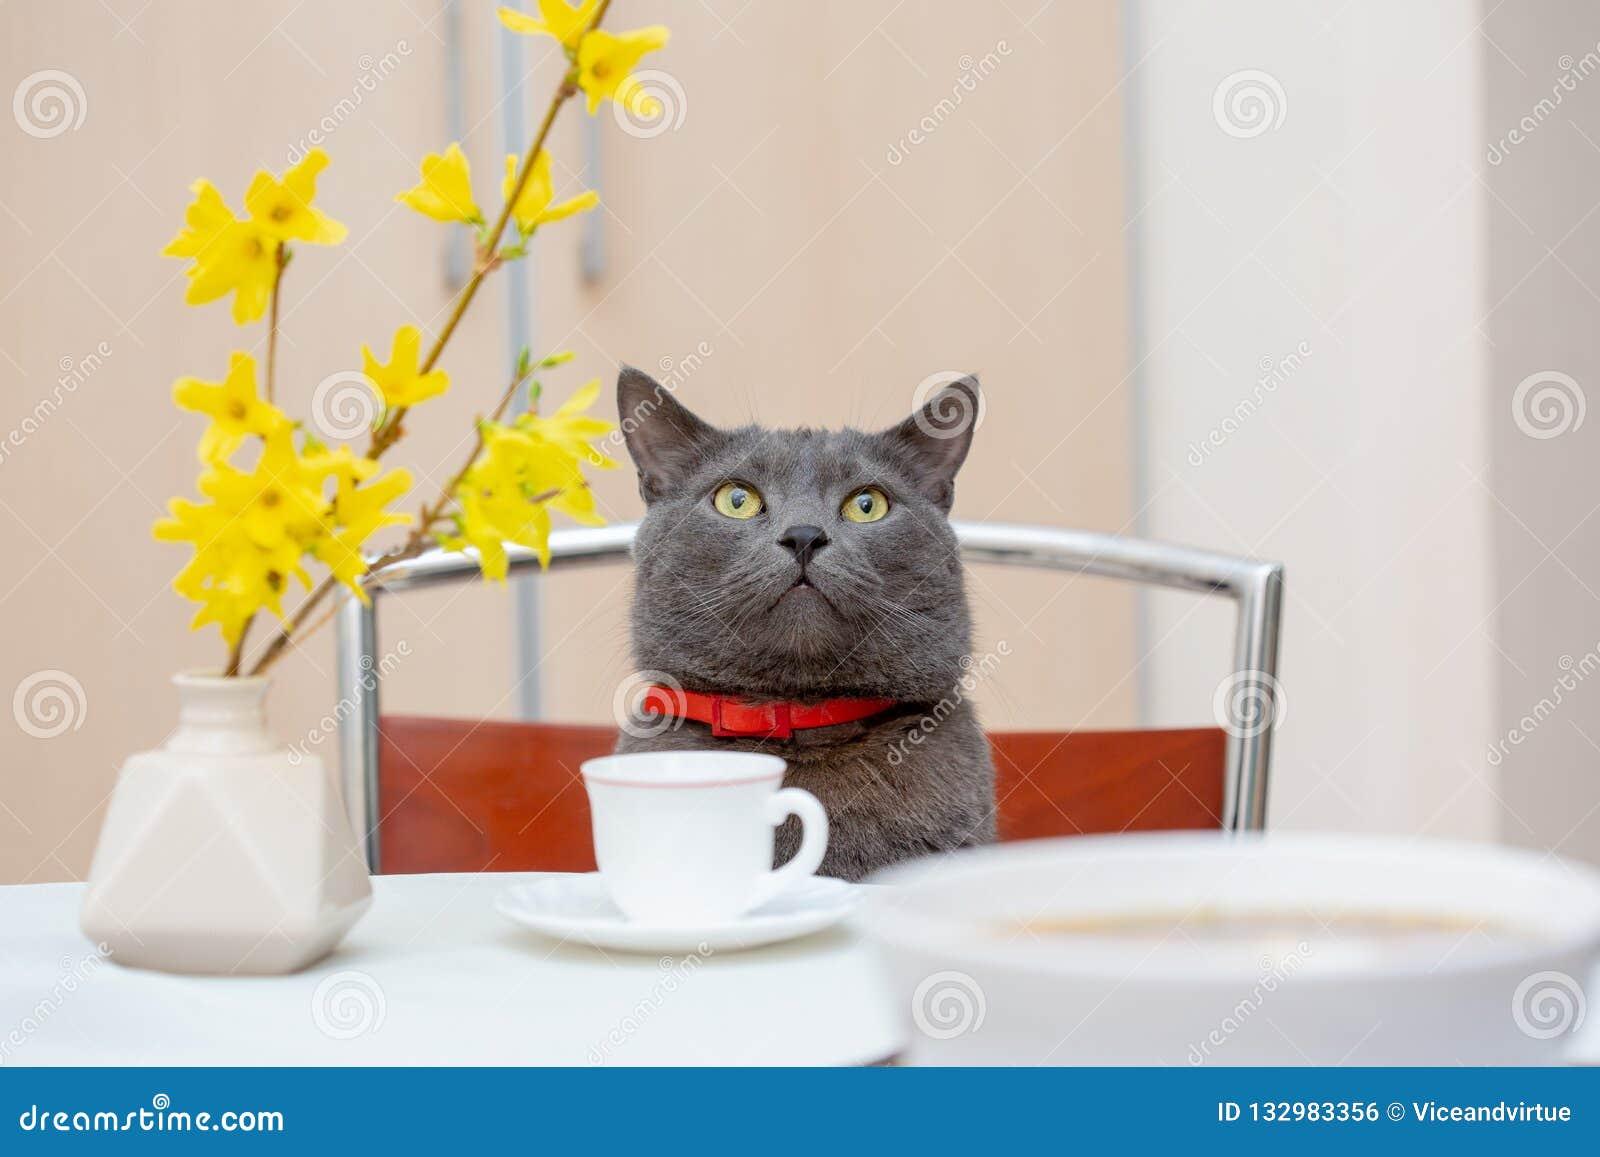 Pić herbaty wraz z uroczym popielatym kotem